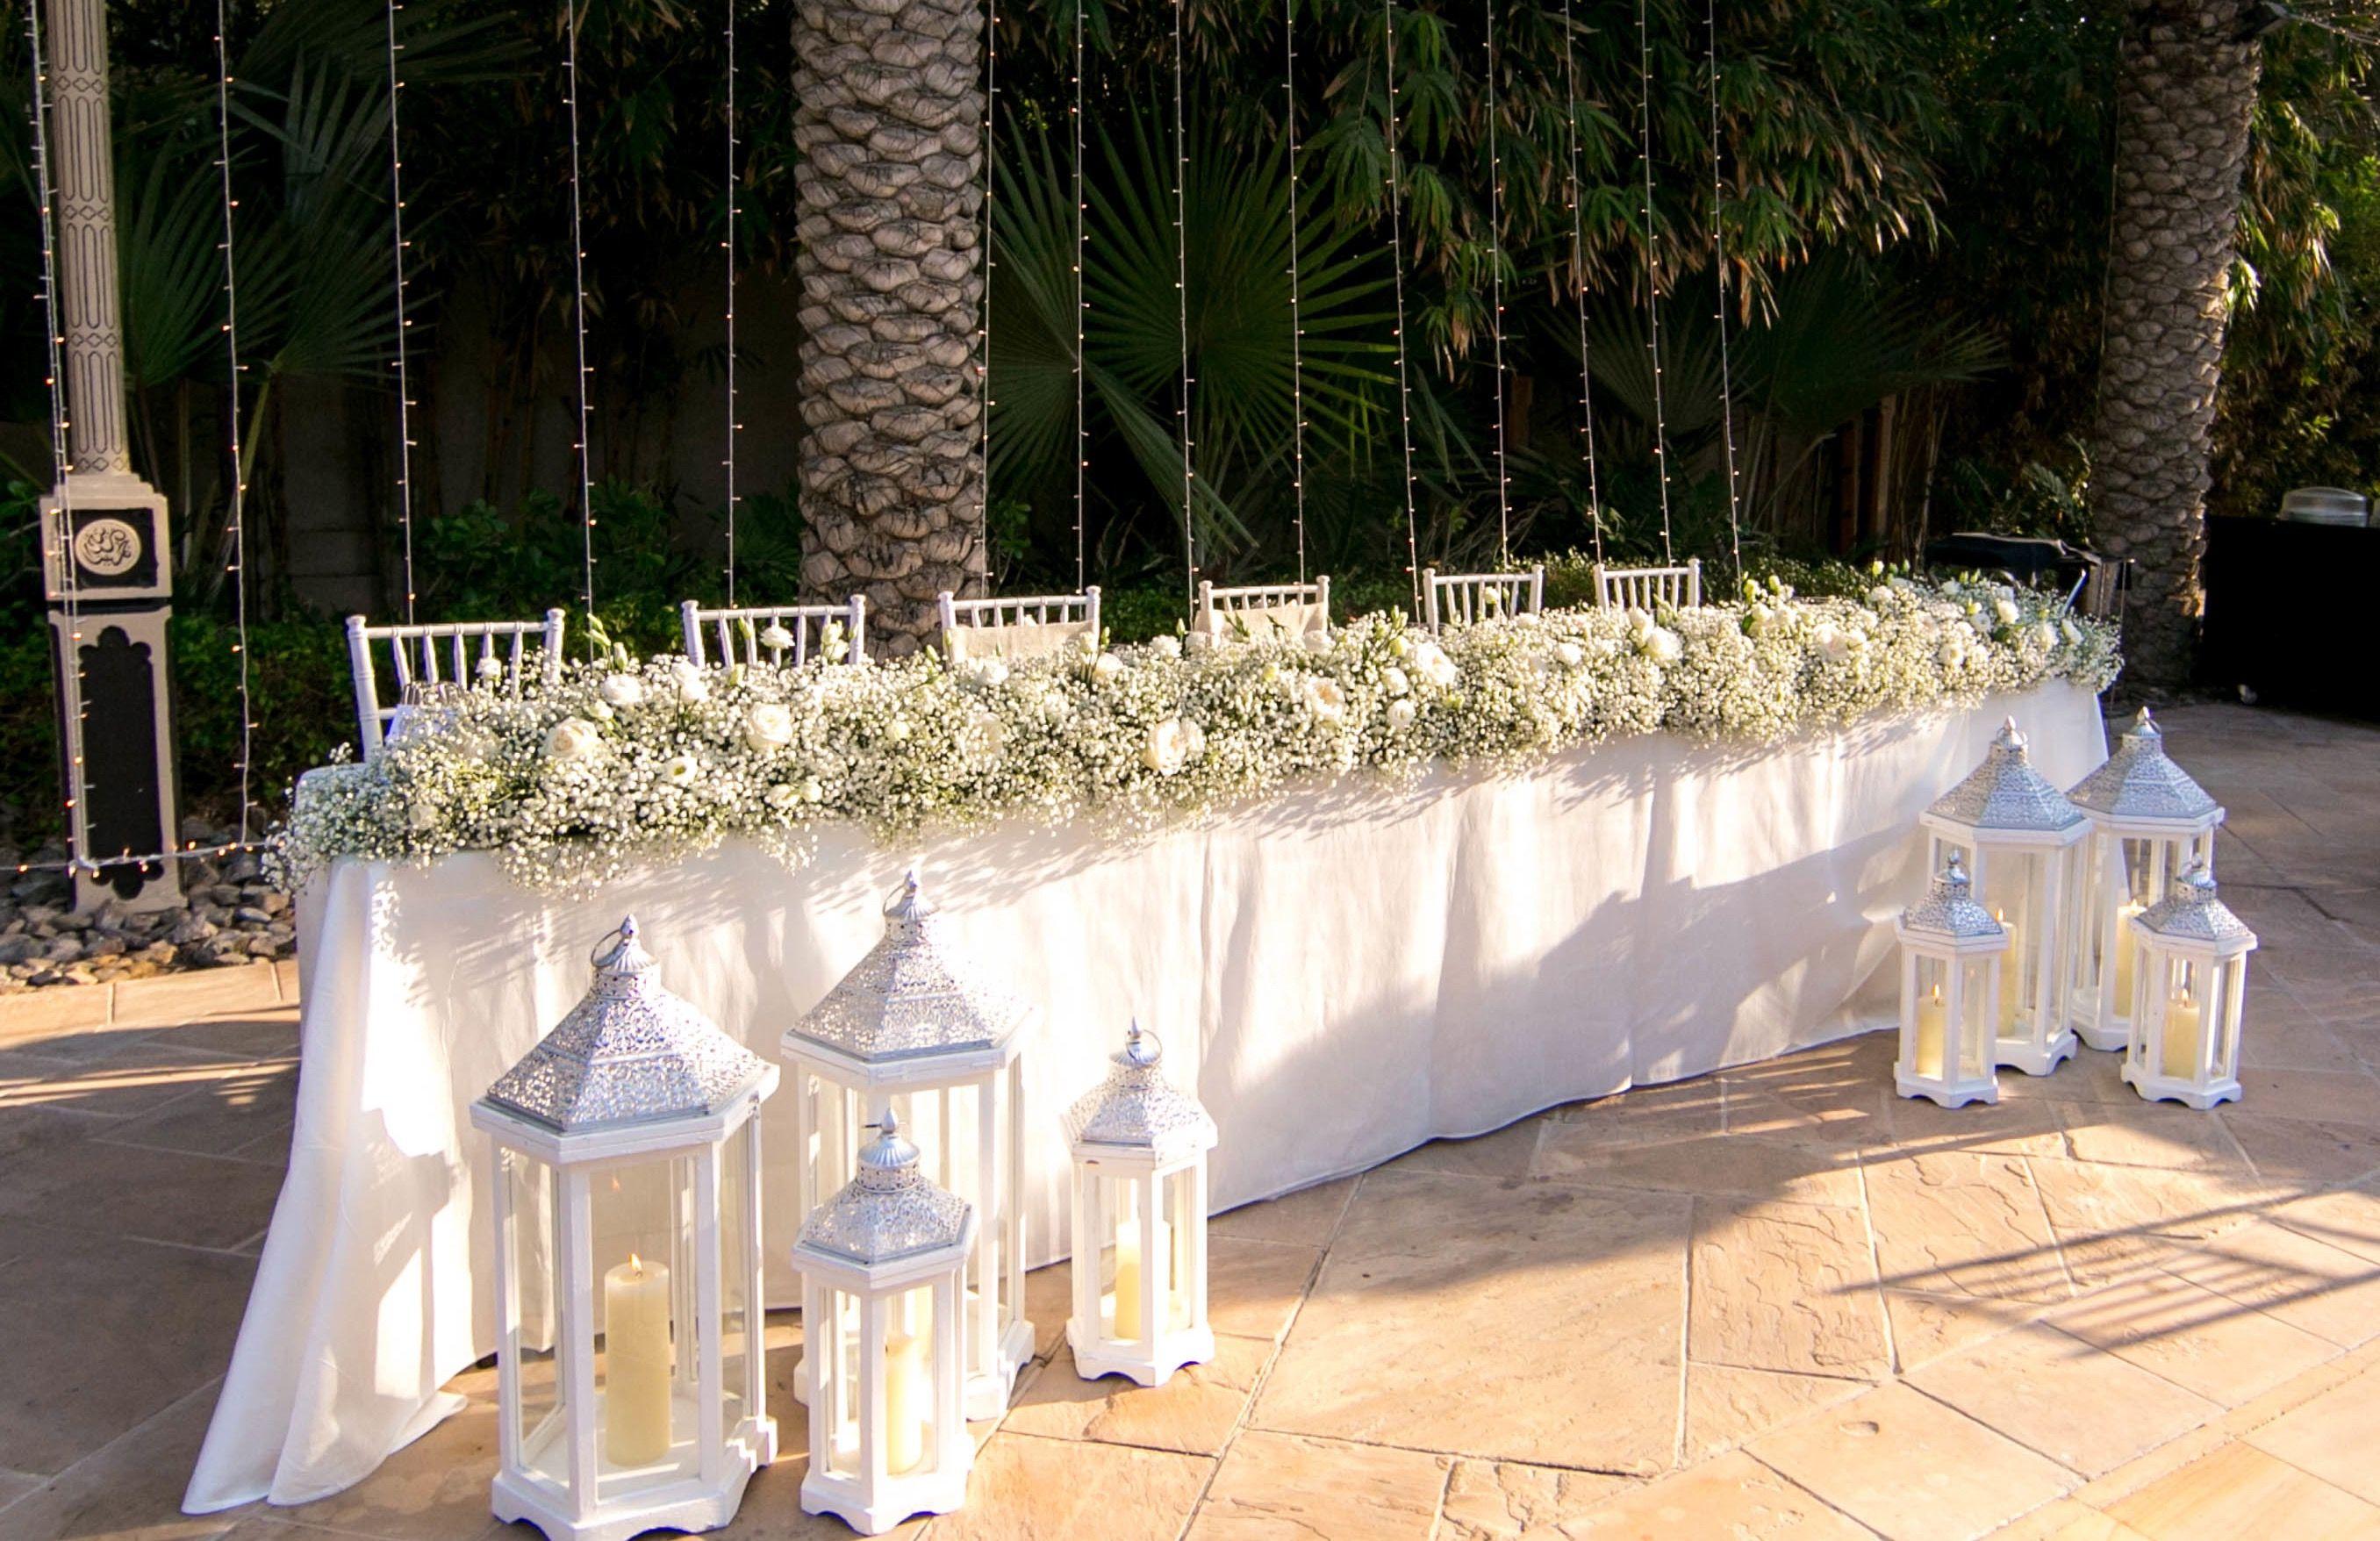 Wedding stage decoration dubai  BLISS flower boutique arrangement  DUBAI  TABLE SET UP  Pinterest